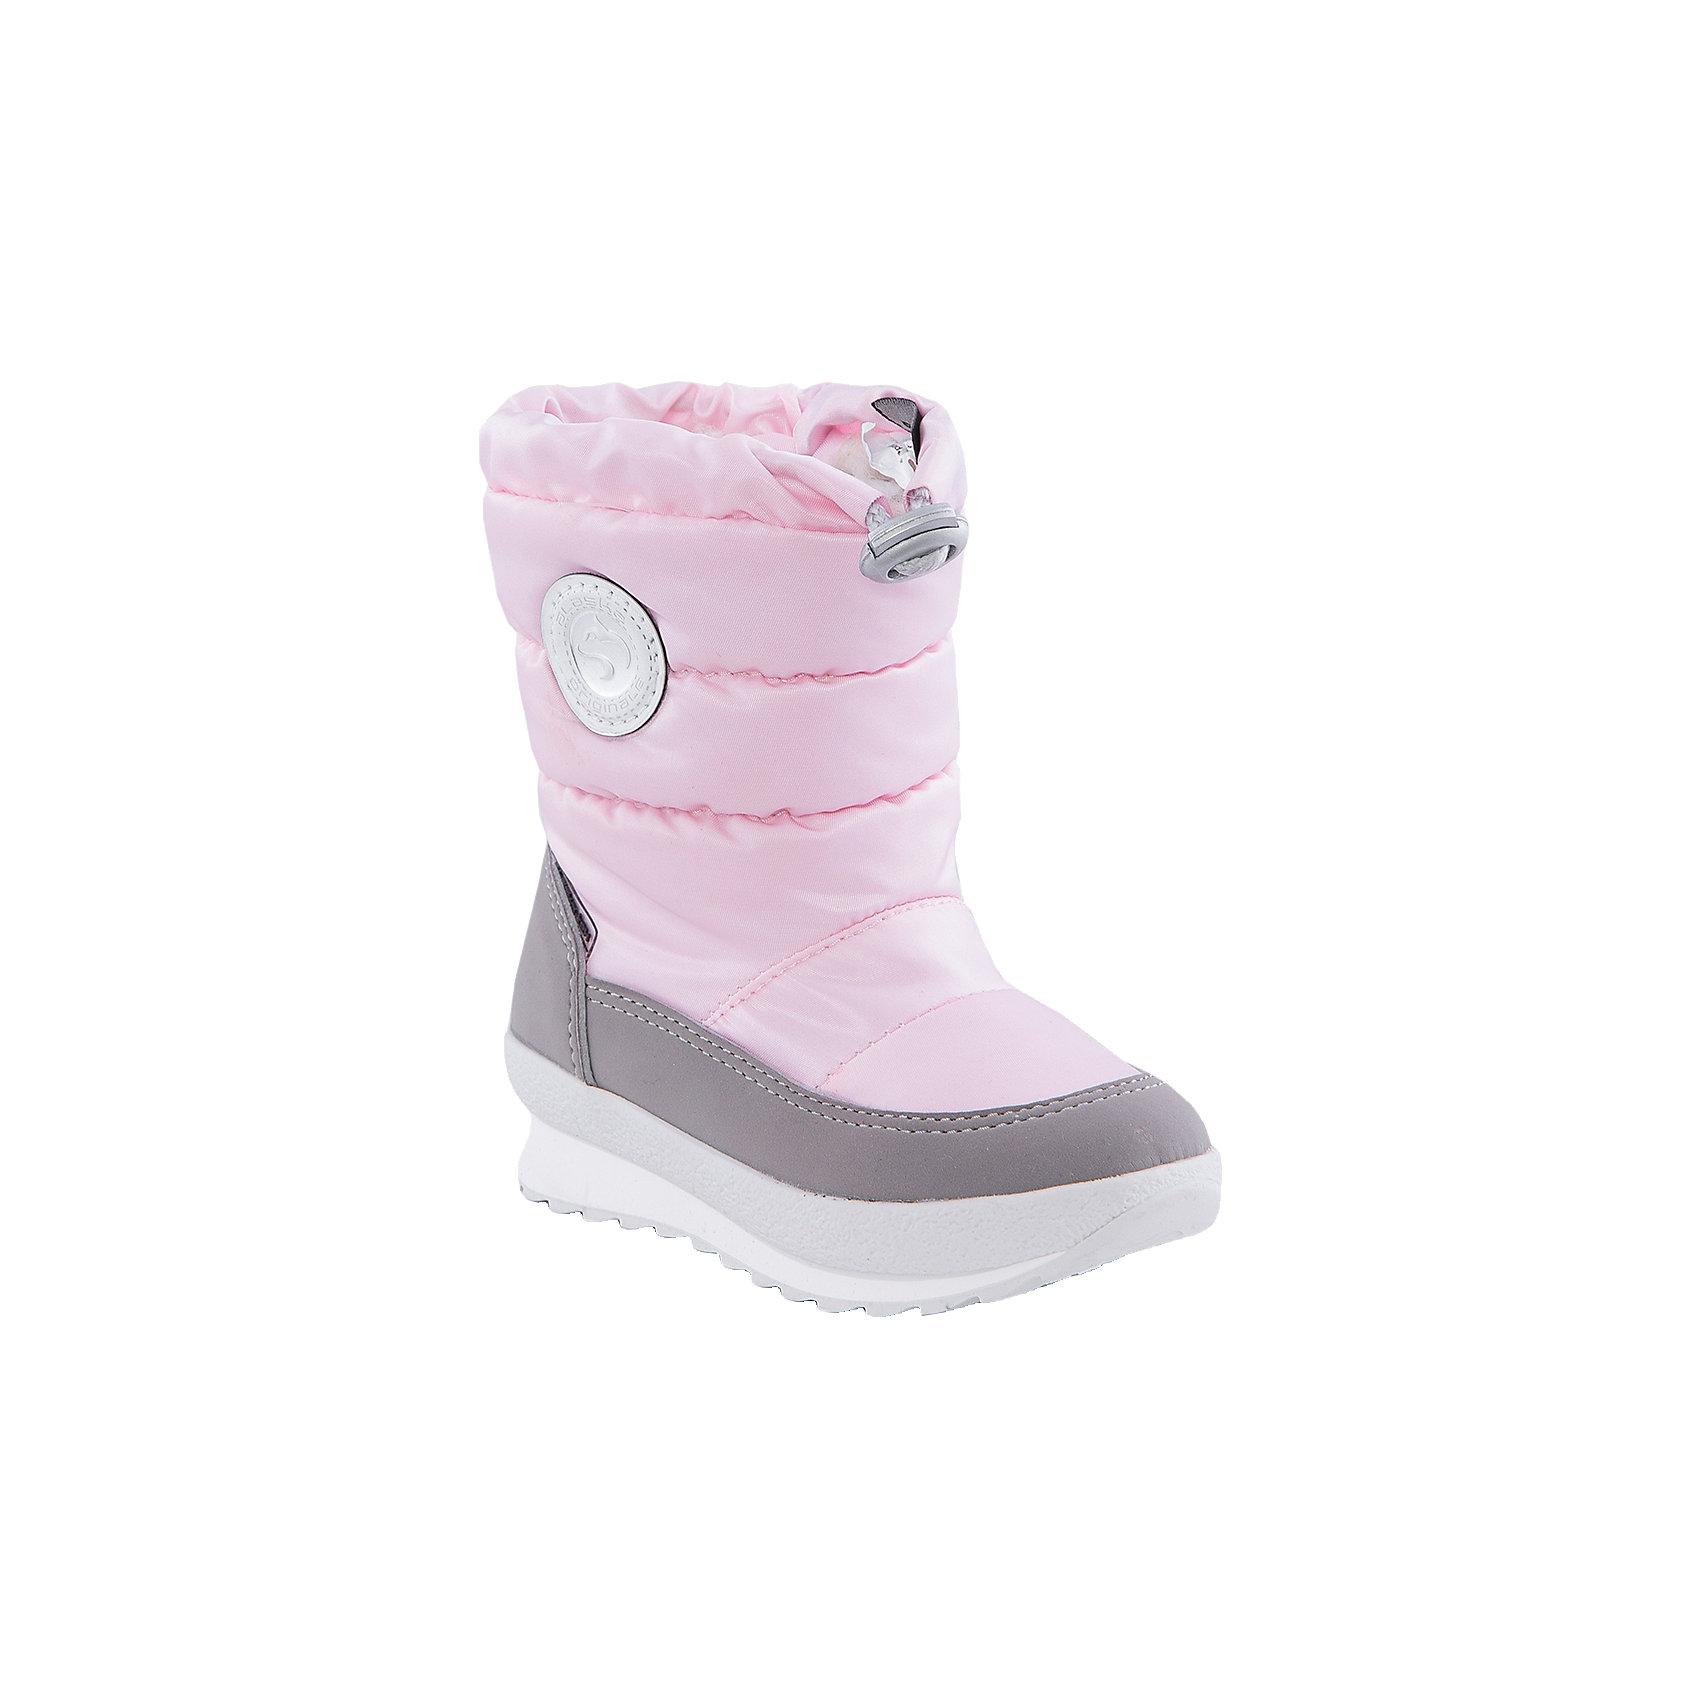 Сапоги  Alaska OriginaleМембранная обувь AlaskaOriginale - это стильная, удобная и высокотехнологичная обувь нового поколения, которая при любой погоде остается сухой и теплой. Полиуретановая литая подошва с системой «ANTISLIDE» обеспечивает превосходное сцепление, высокую устойчивость к деформациям, низким температурами и гарантирует полную водонепроницаемость. Мембрана позволяет стопе «дышать», сохраняя ее сухой. Благодаря всем этим свойствам обувь обеспечивает комфорт при ношении от +5 до -25 градусов.<br><br>Состав: <br>Материалы верха: Текстильные материалы. Подрошва:Термопластик.<br><br>Ширина мм: 257<br>Глубина мм: 180<br>Высота мм: 130<br>Вес г: 420<br>Цвет: розовый<br>Возраст от месяцев: 18<br>Возраст до месяцев: 21<br>Пол: Женский<br>Возраст: Детский<br>Размер: 23,22,24,25,26,27<br>SKU: 4399107